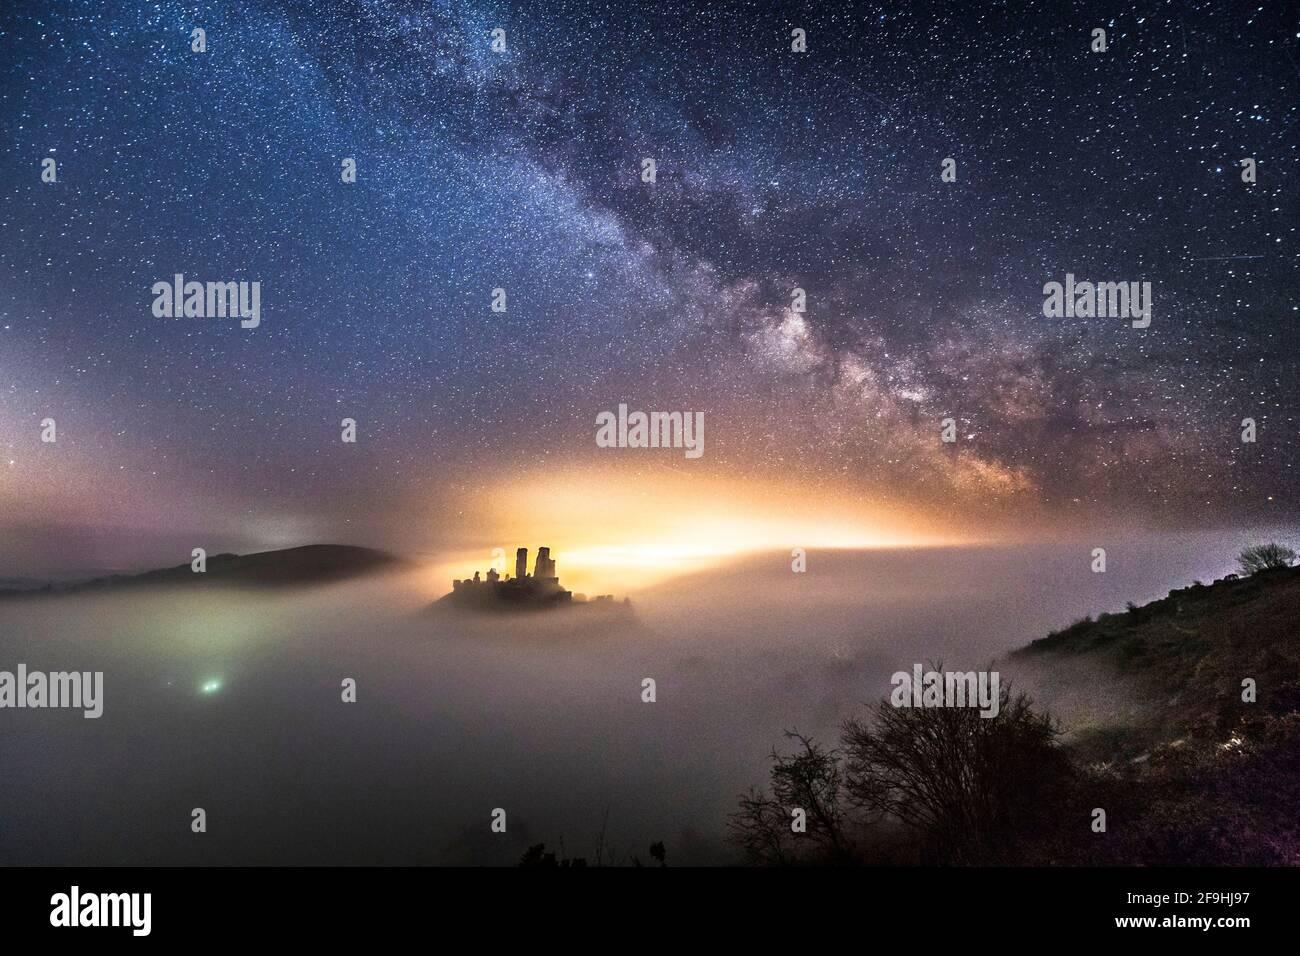 Corfe Castle, Dorset, Großbritannien. April 2021. Wetter in Großbritannien. Die Milchstraße leuchtet hell über dem Schloss Corfe in Dorset, das in einer kalten, klaren Nacht von einem dichten Nebelmeer umgeben ist. Bildnachweis: Graham Hunt/Alamy Live News Stockfoto